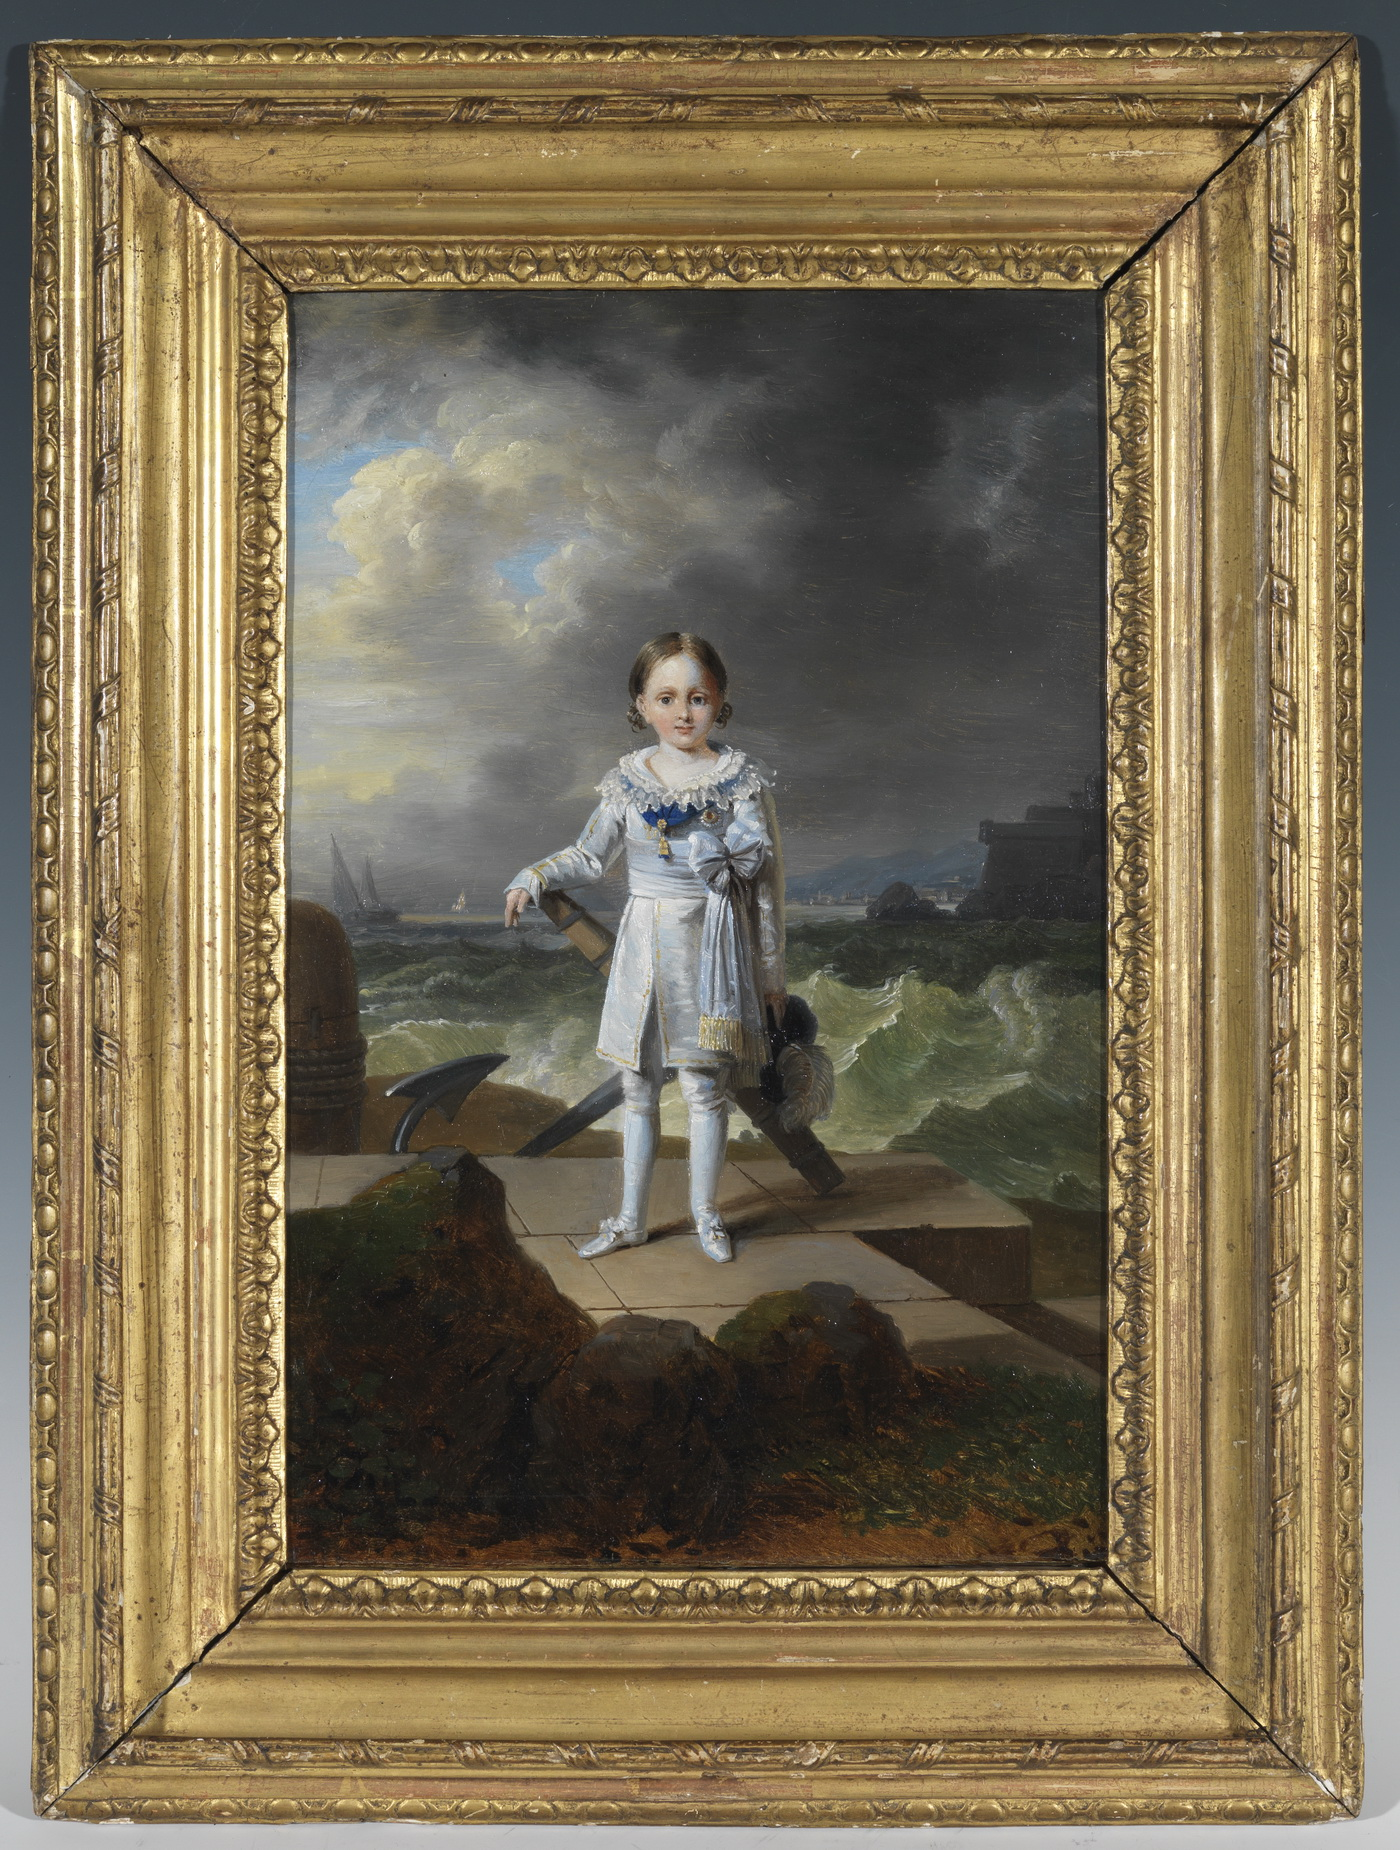 Portrait de Napoléon-Louis Bonaparte - Patrimoine Charles-André COLONNA WALEWSKI, en ligne directe de Napoléon